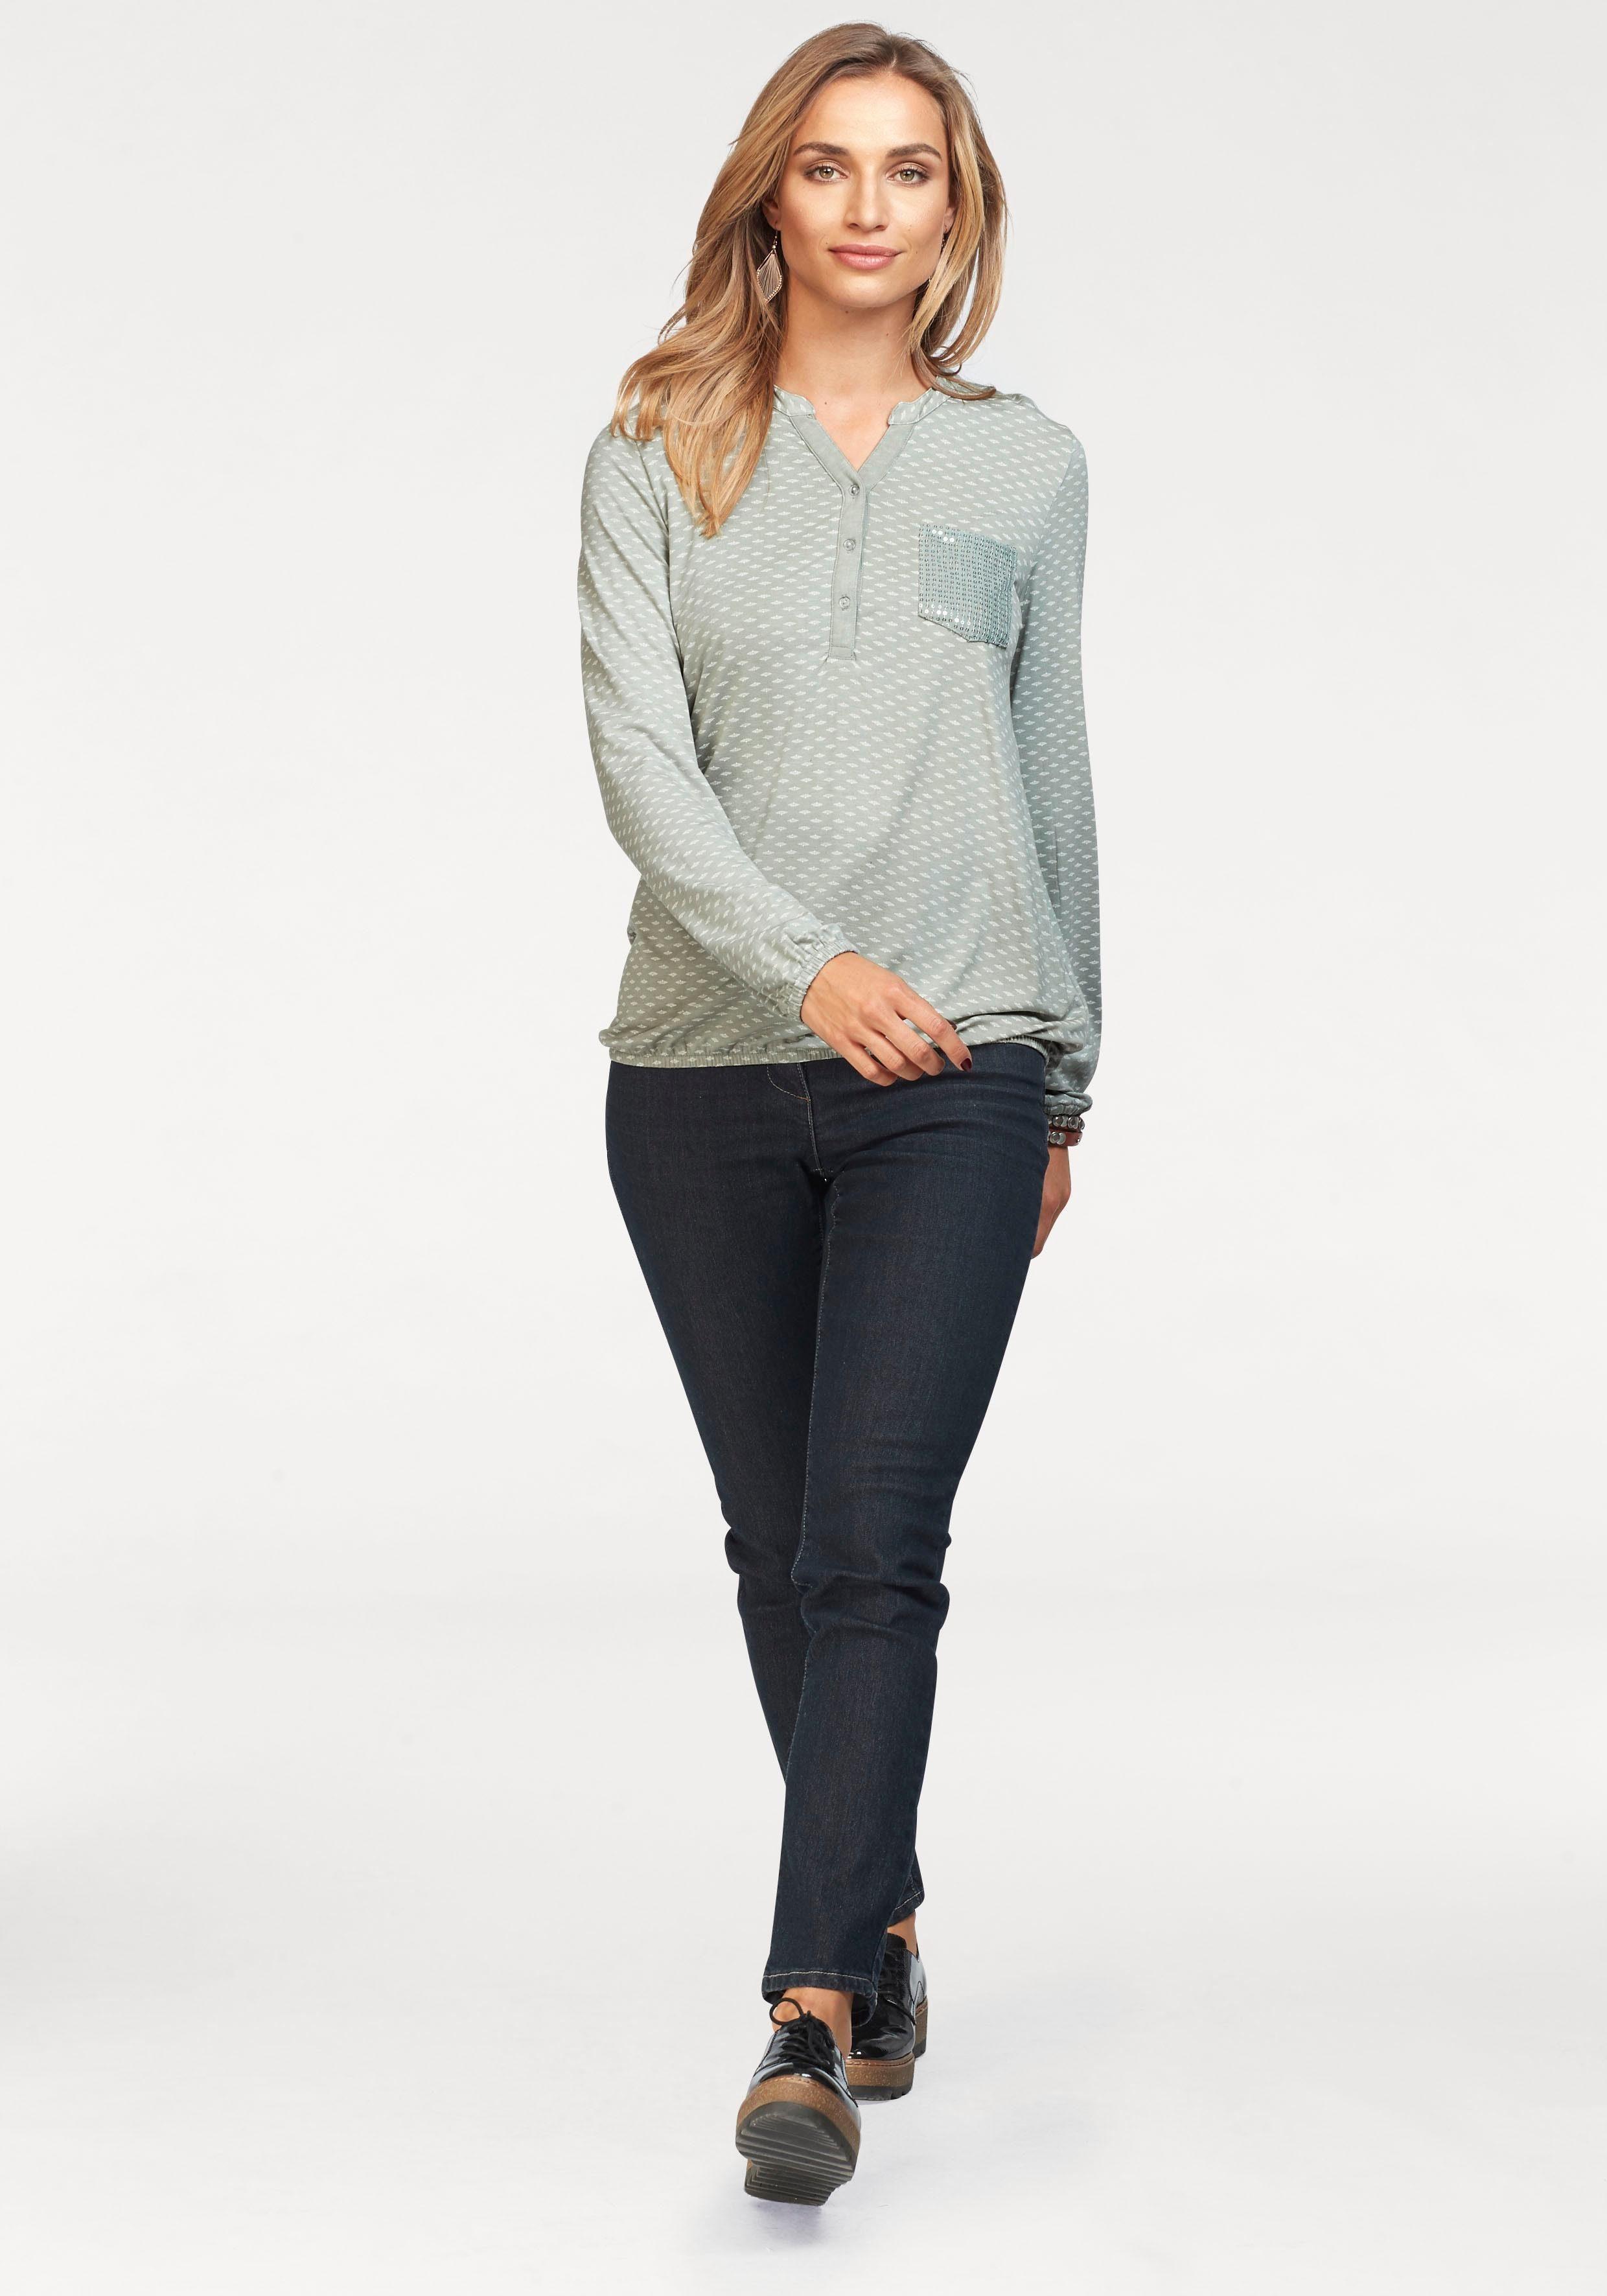 Mit Shirtbluse By Pailletten Baur Verziert Aniston t1qvw